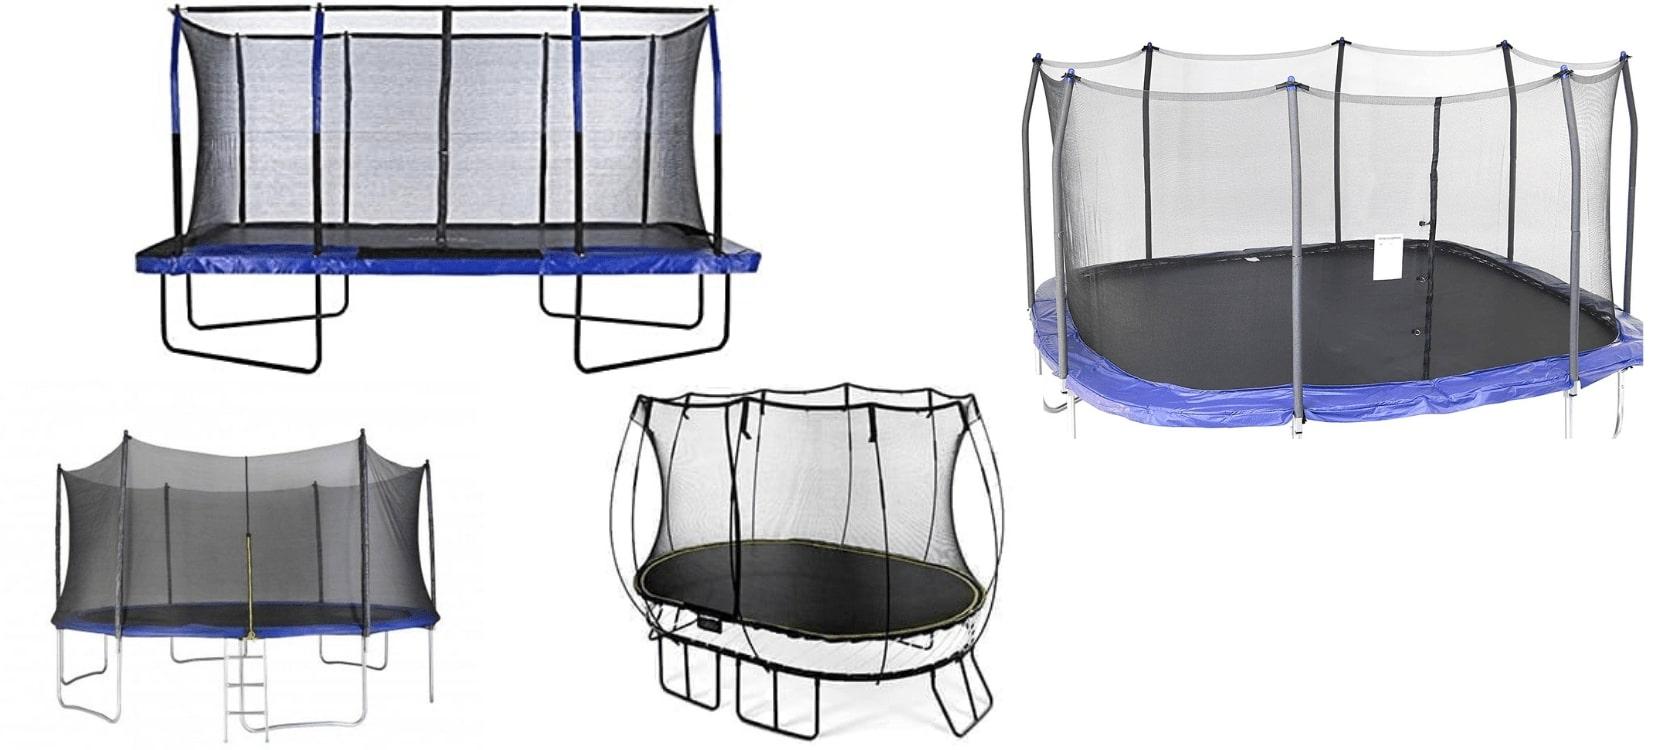 Oval vs round vs square vs rectangle trampoline